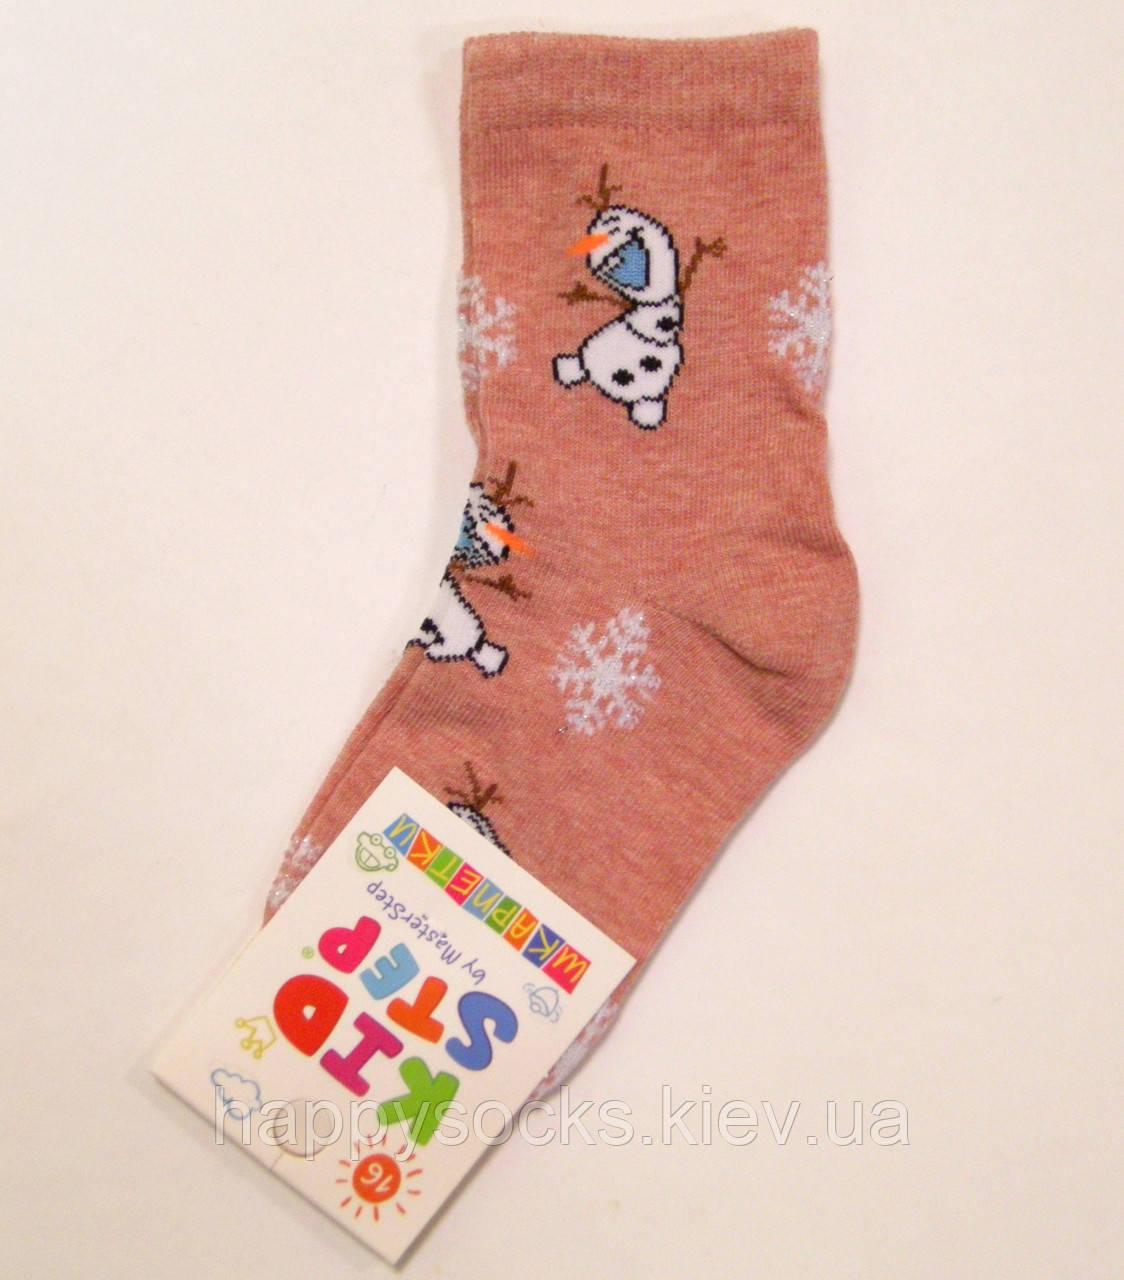 Носки новогодние детские со снеговиком